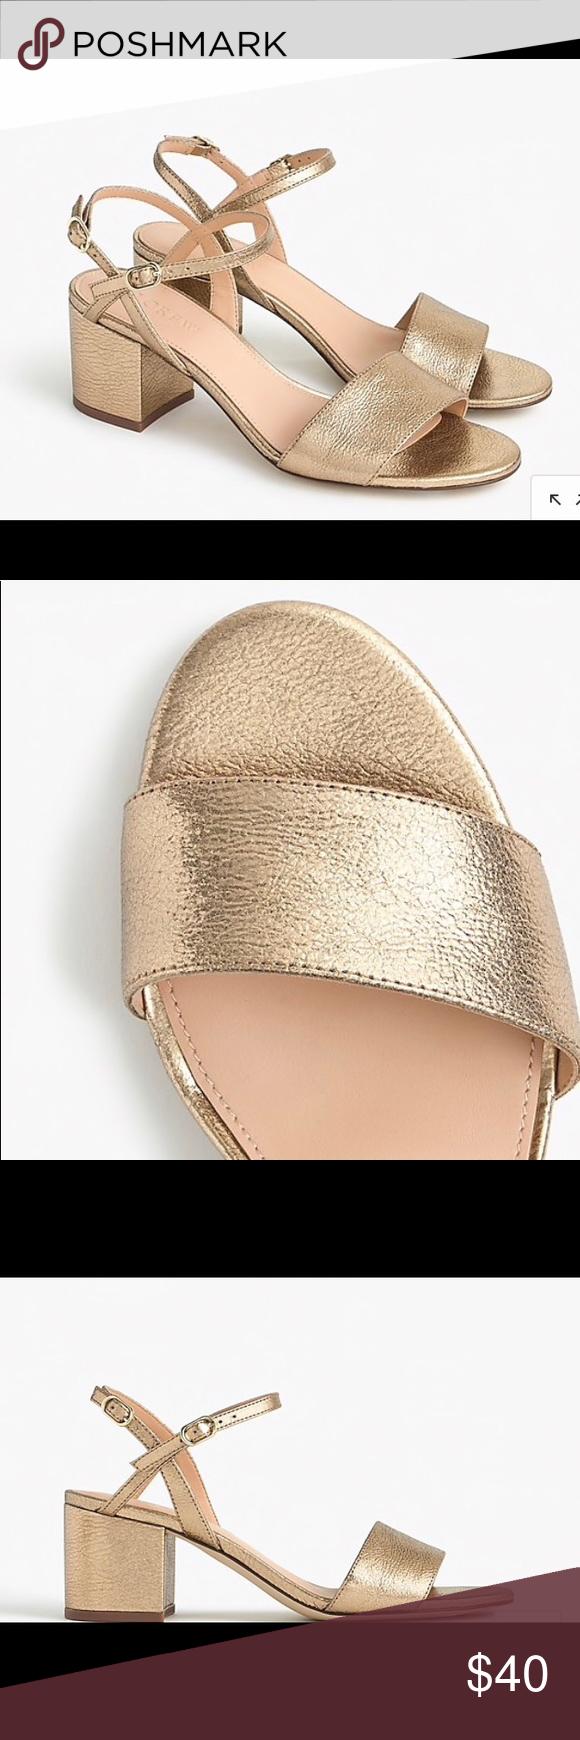 c52697ec6e5 Jcrew Gold Sandals Strappy block-heel sandals (60mm) in metallic ...